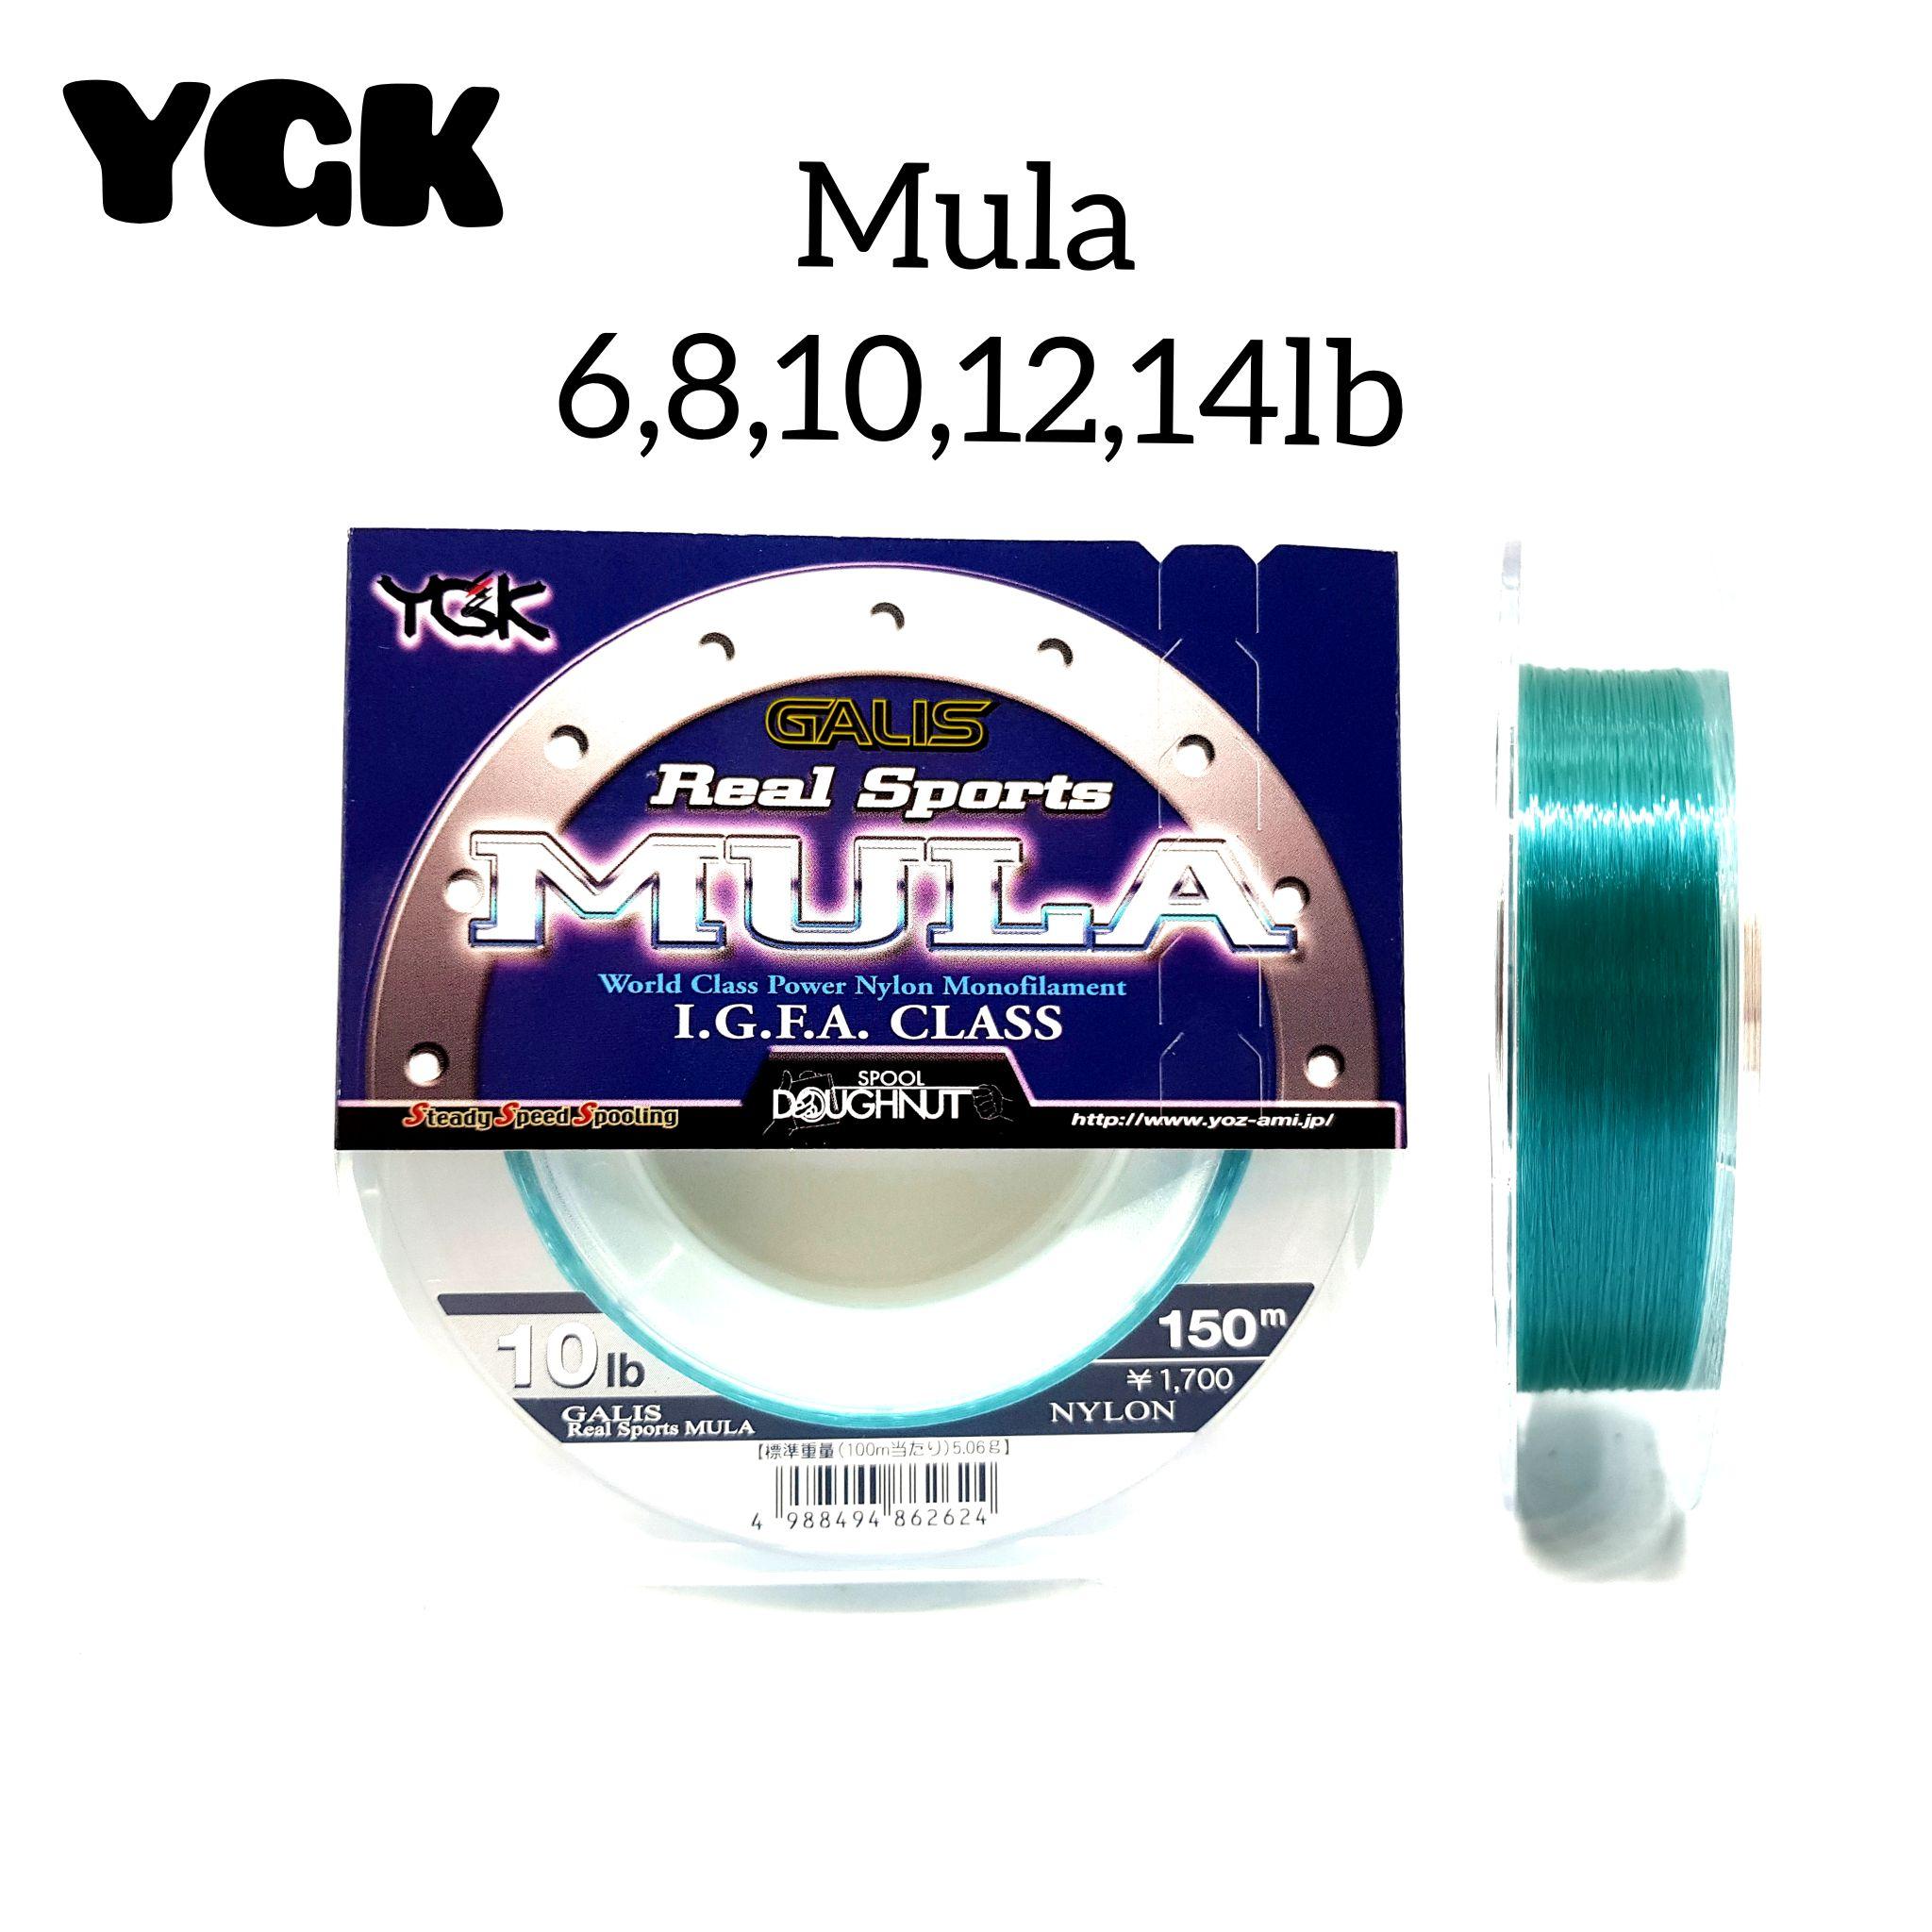 senar pancing ygk mula made in japan 150m